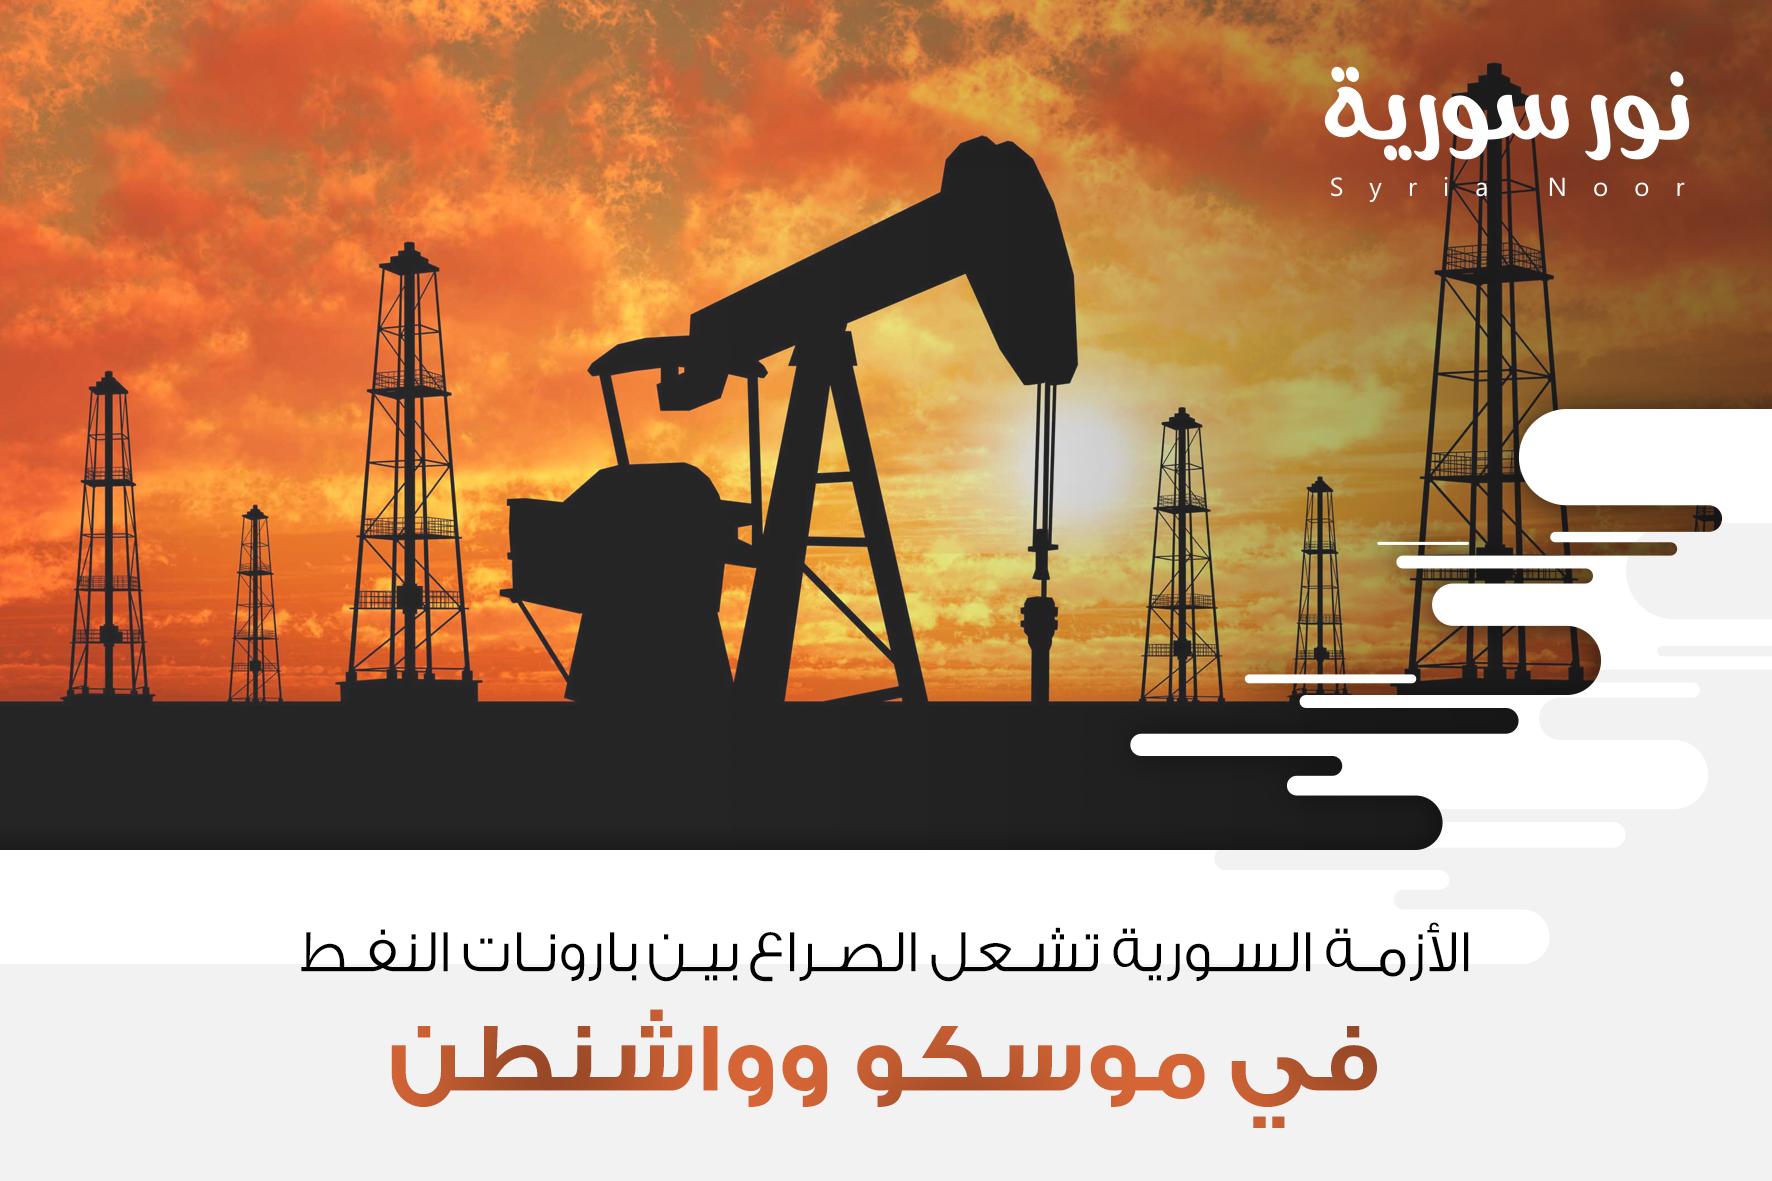 الأزمة السورية تشعل الصراع بين بارونات النفط في موسكو وواشنطن